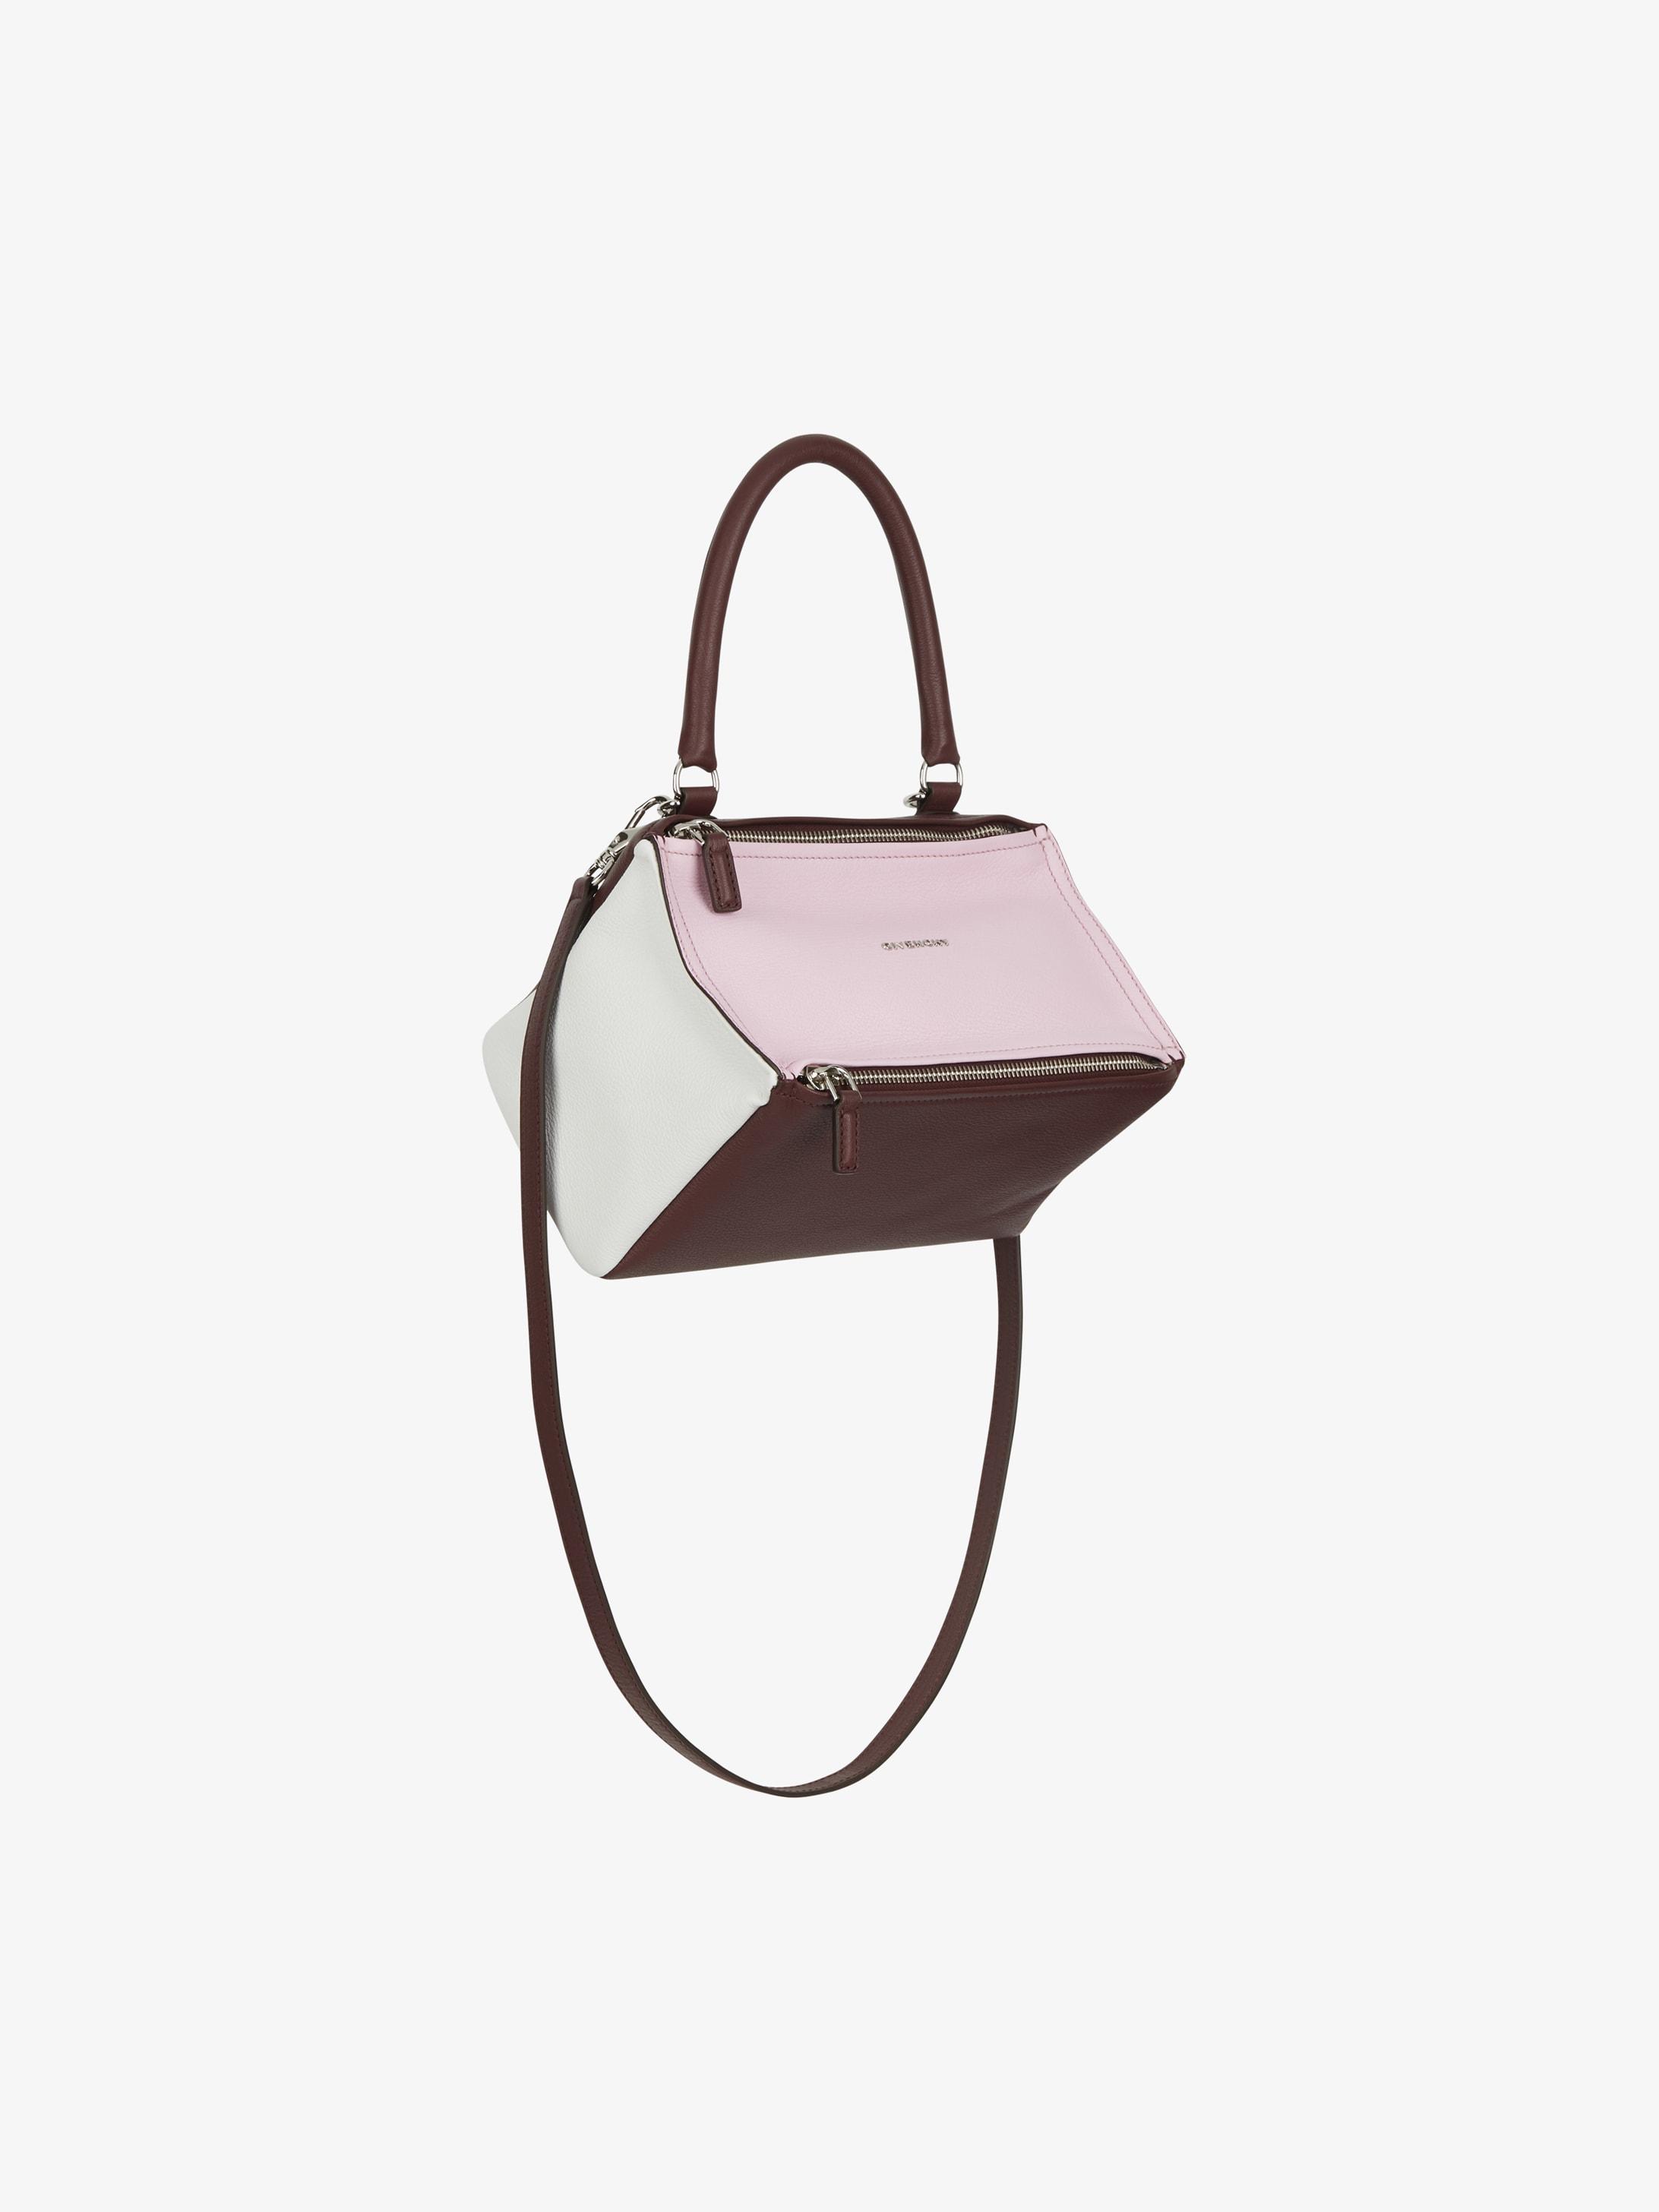 Tricolor small Pandora bag